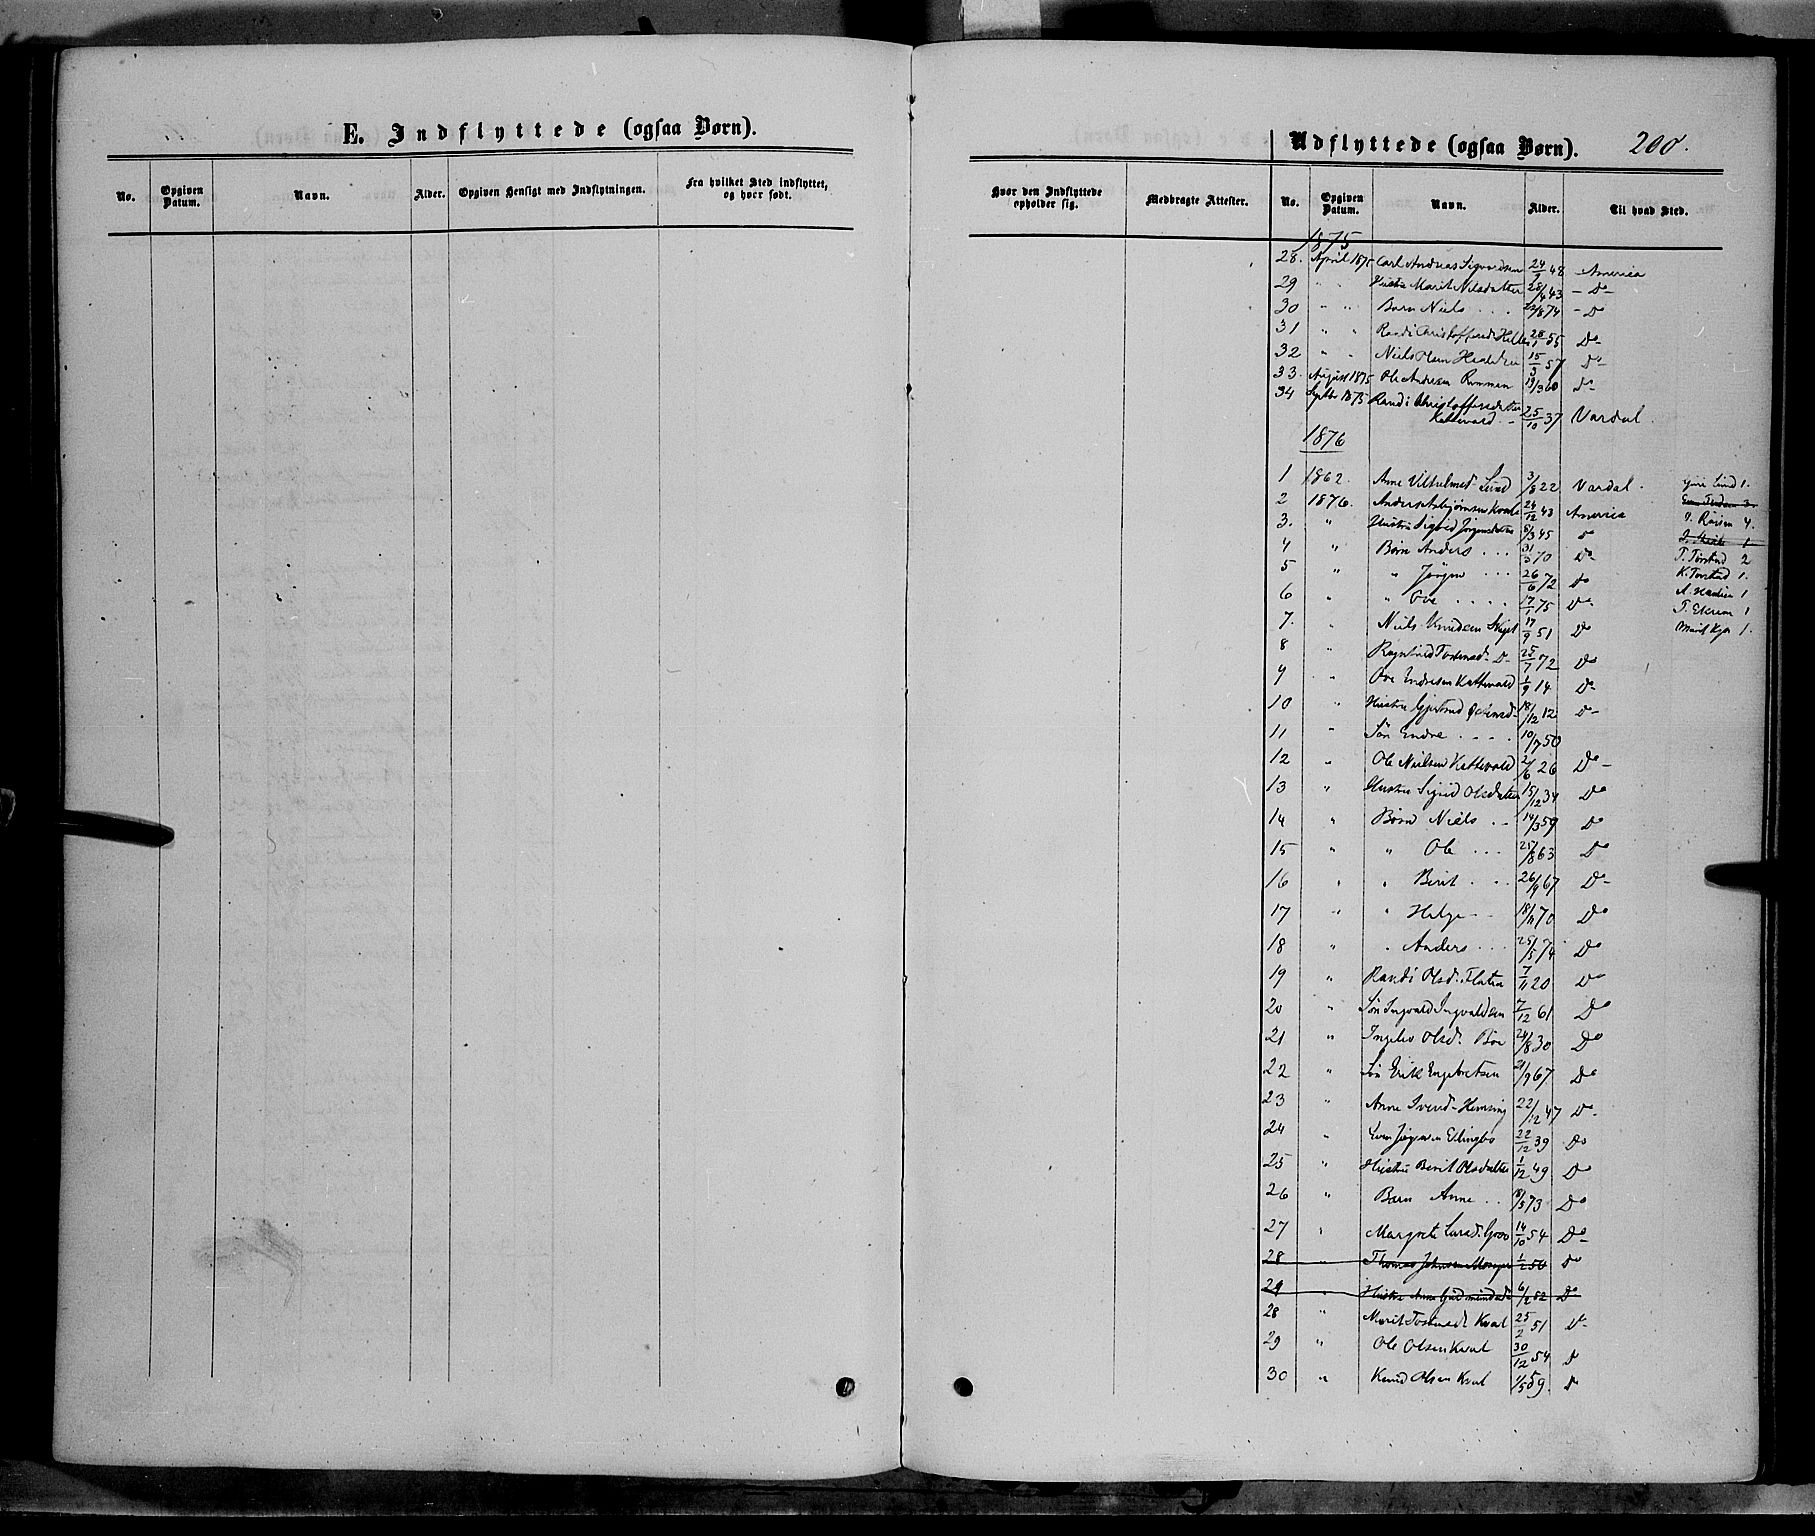 SAH, Vang prestekontor, Valdres, Ministerialbok nr. 7, 1865-1881, s. 200